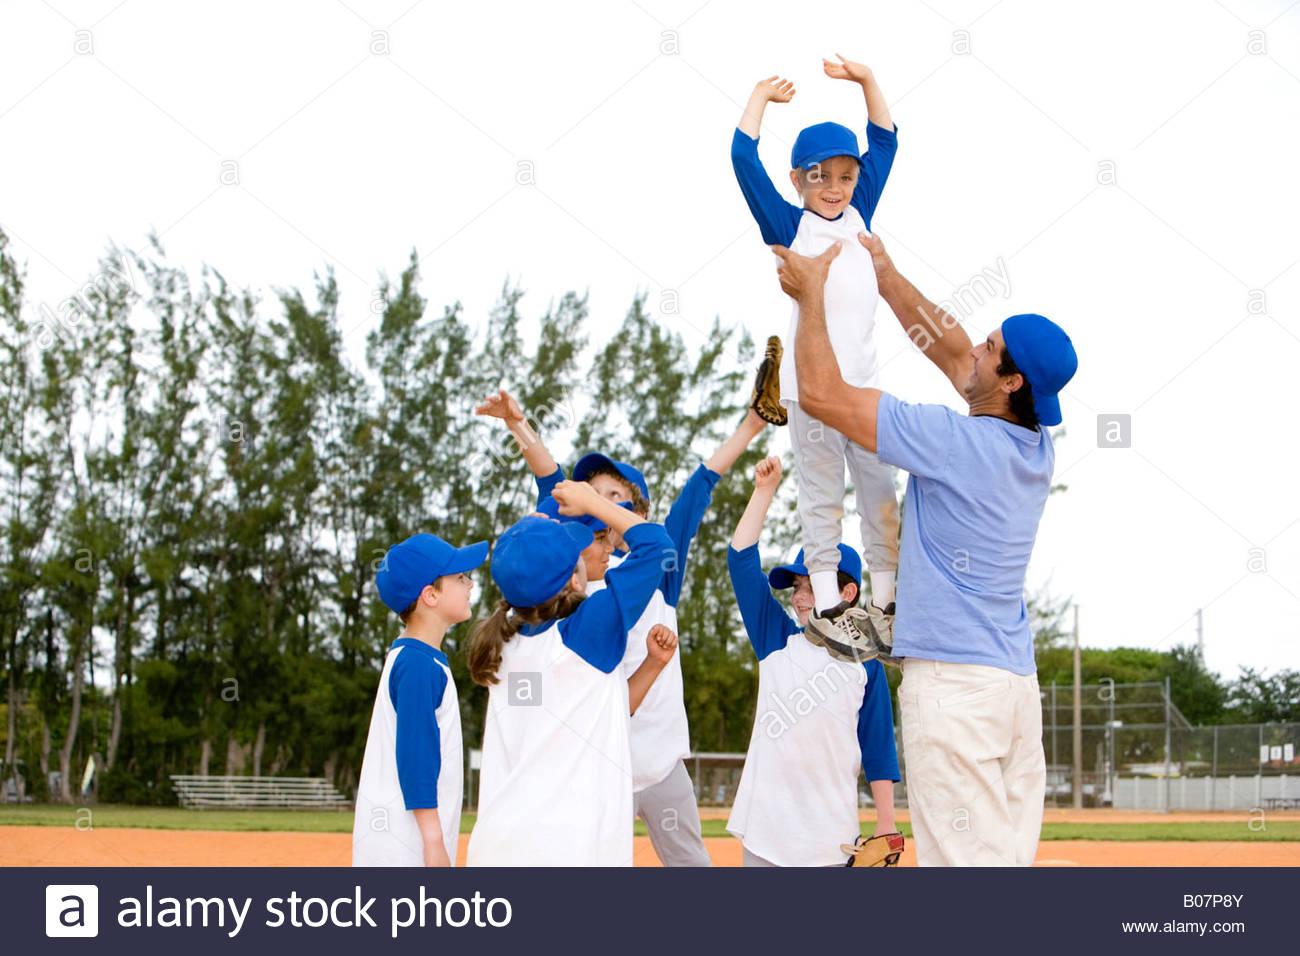 Ragazzo giovane essendo sollevata da little League Baseball coach Immagini Stock